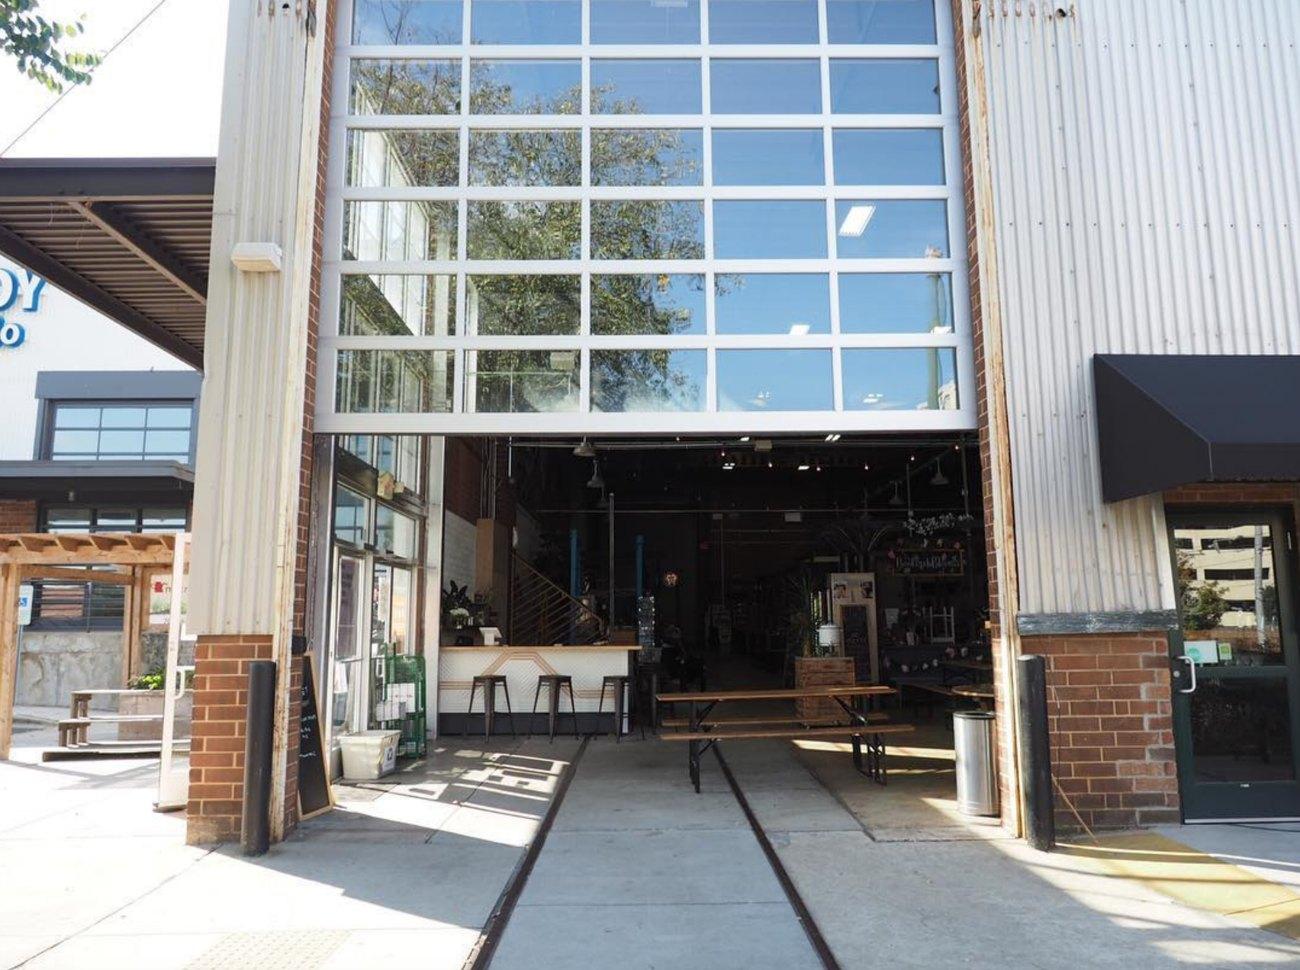 Charlotte's 10 best indoor/outdoor bars and restaurants